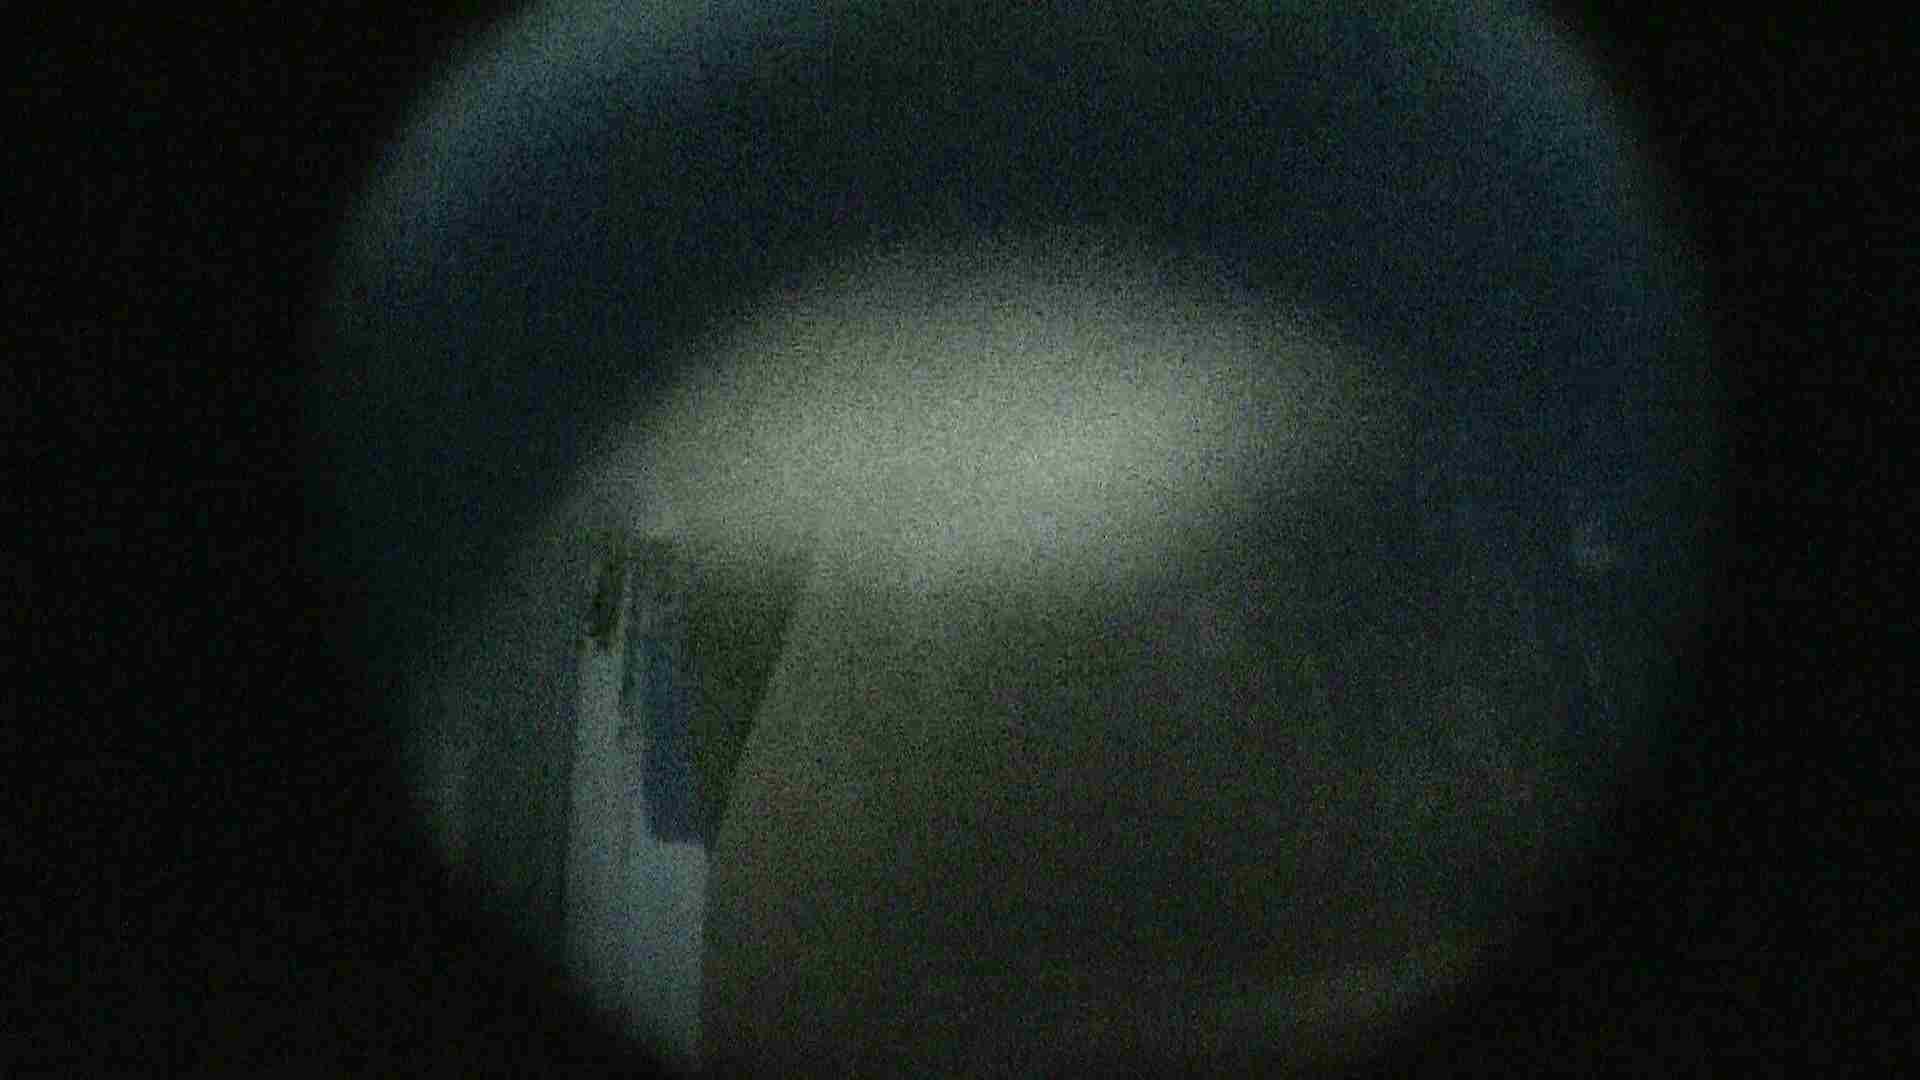 NO.13 暗いですが豪快な砂落としが好印象 細身・スレンダー 戯れ無修正画像 89画像 78